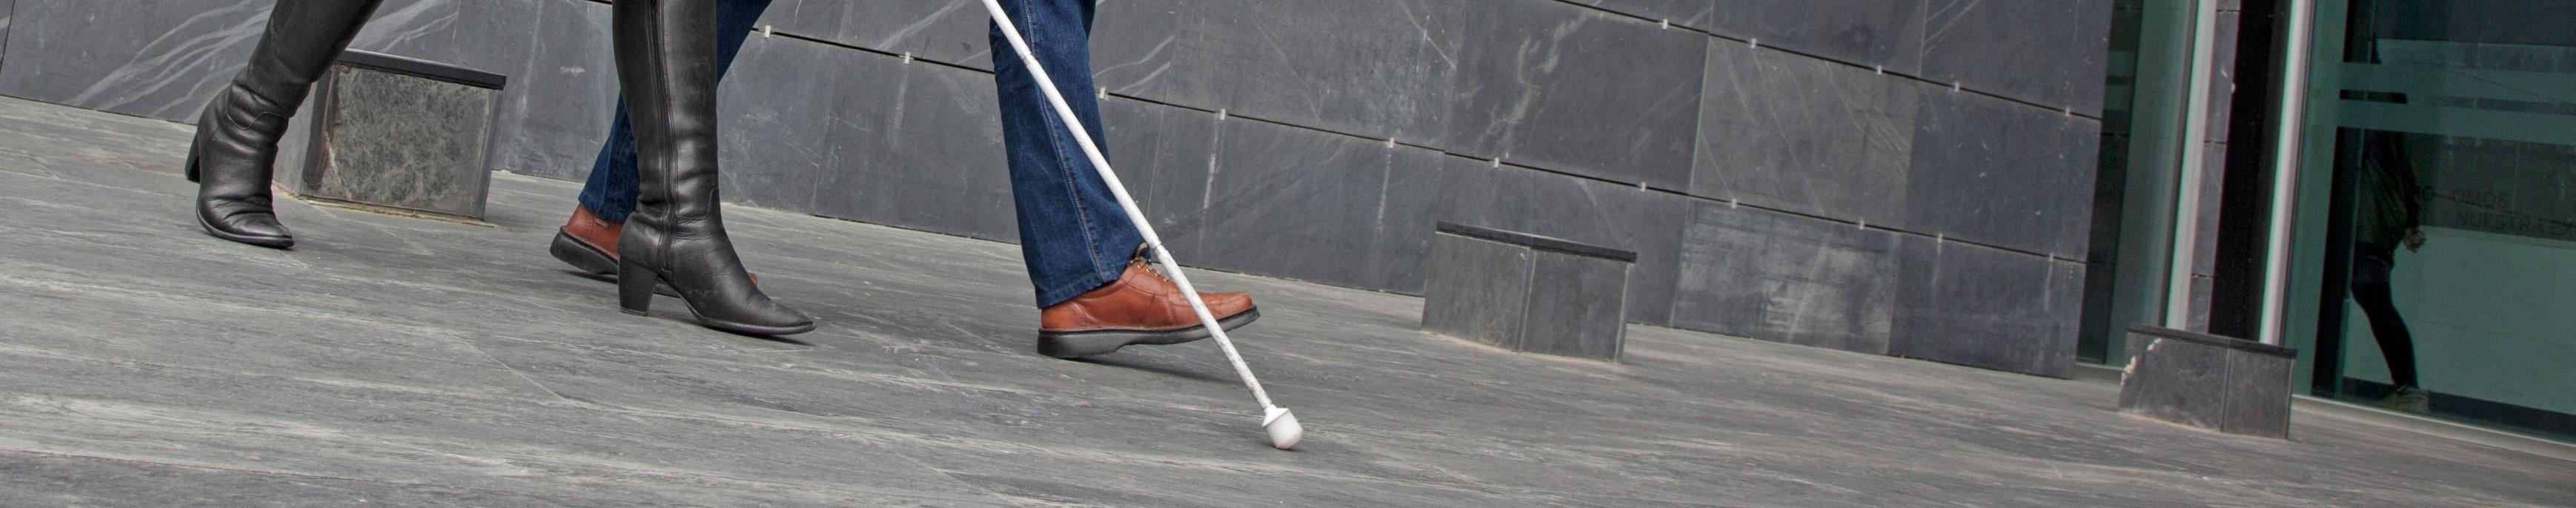 El suelo sobre el que dos afiliados caminan por la calle con su bastón